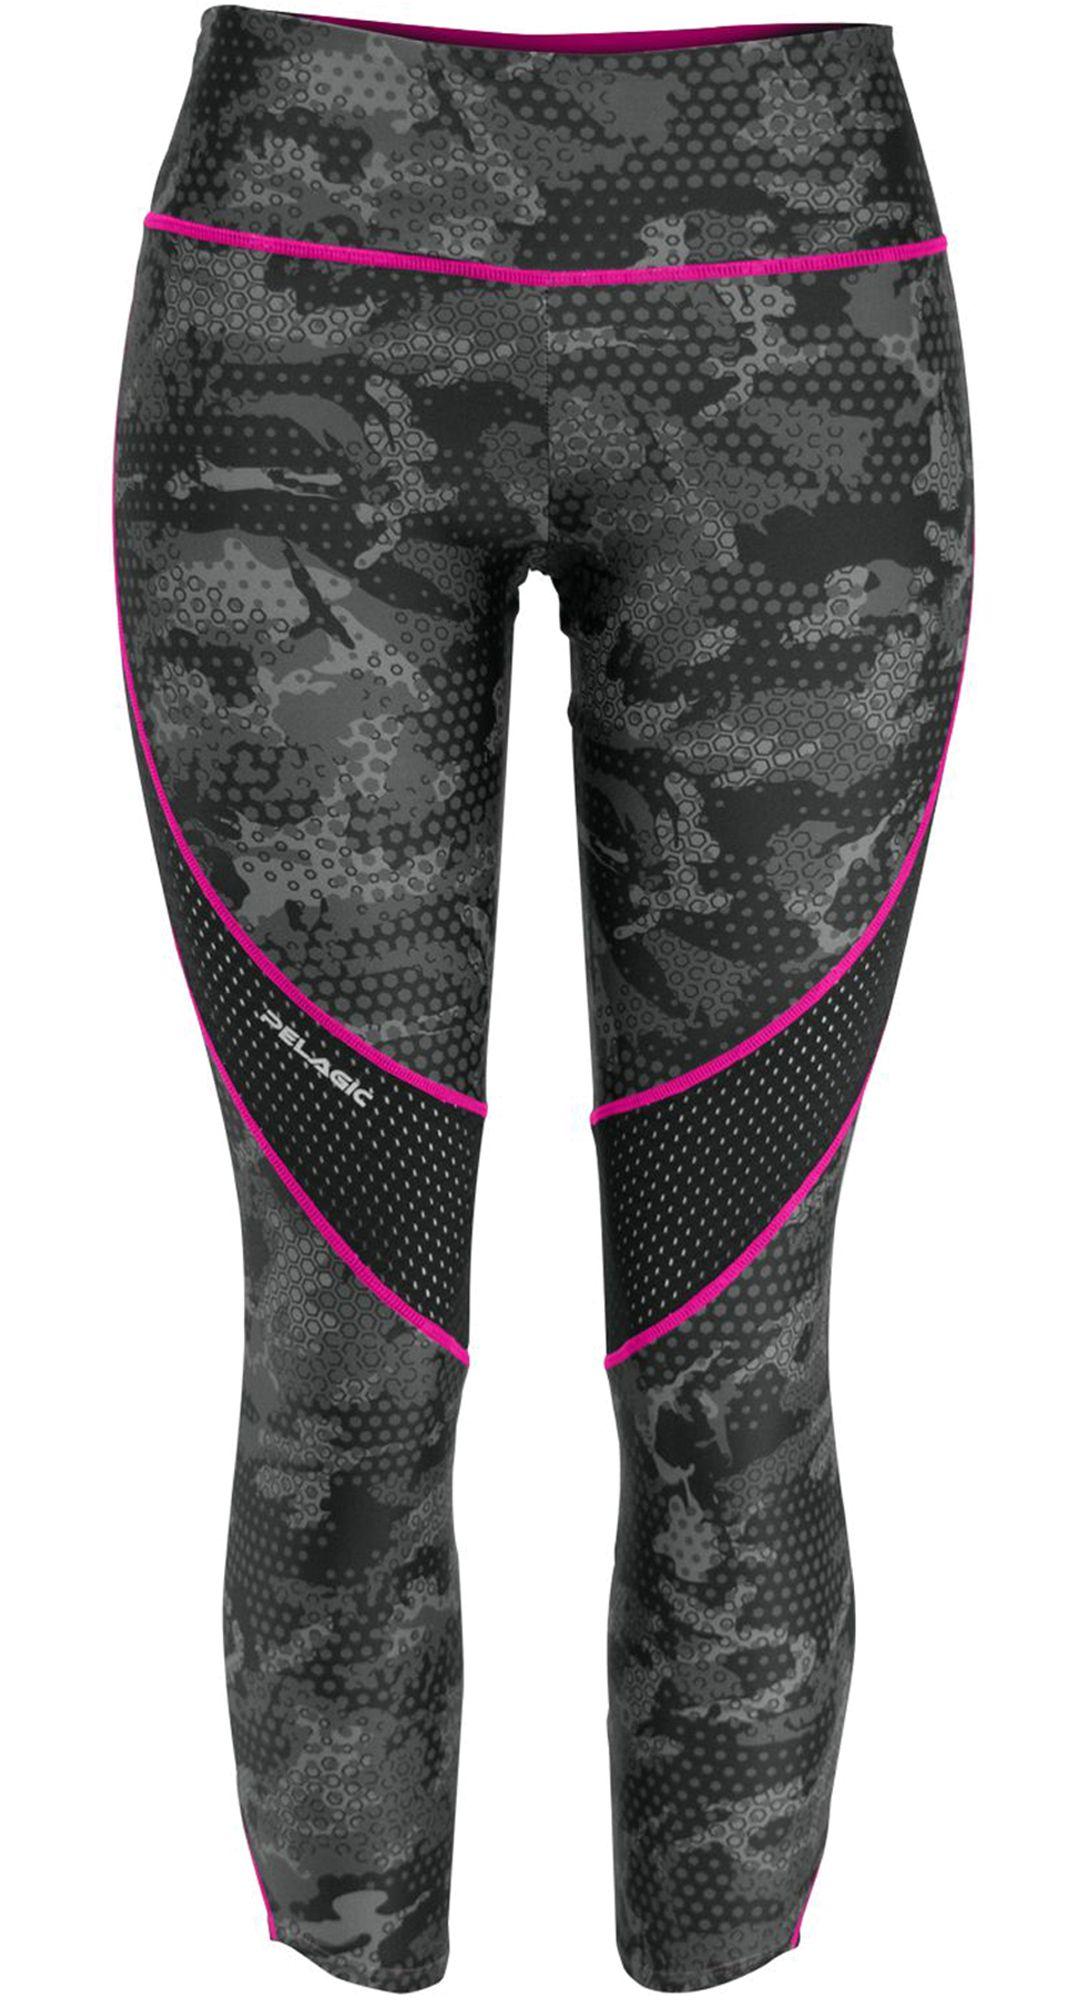 f7ba5b0847085 Pelagic Women's Ambush Performance Capri Leggings | DICK'S Sporting ...